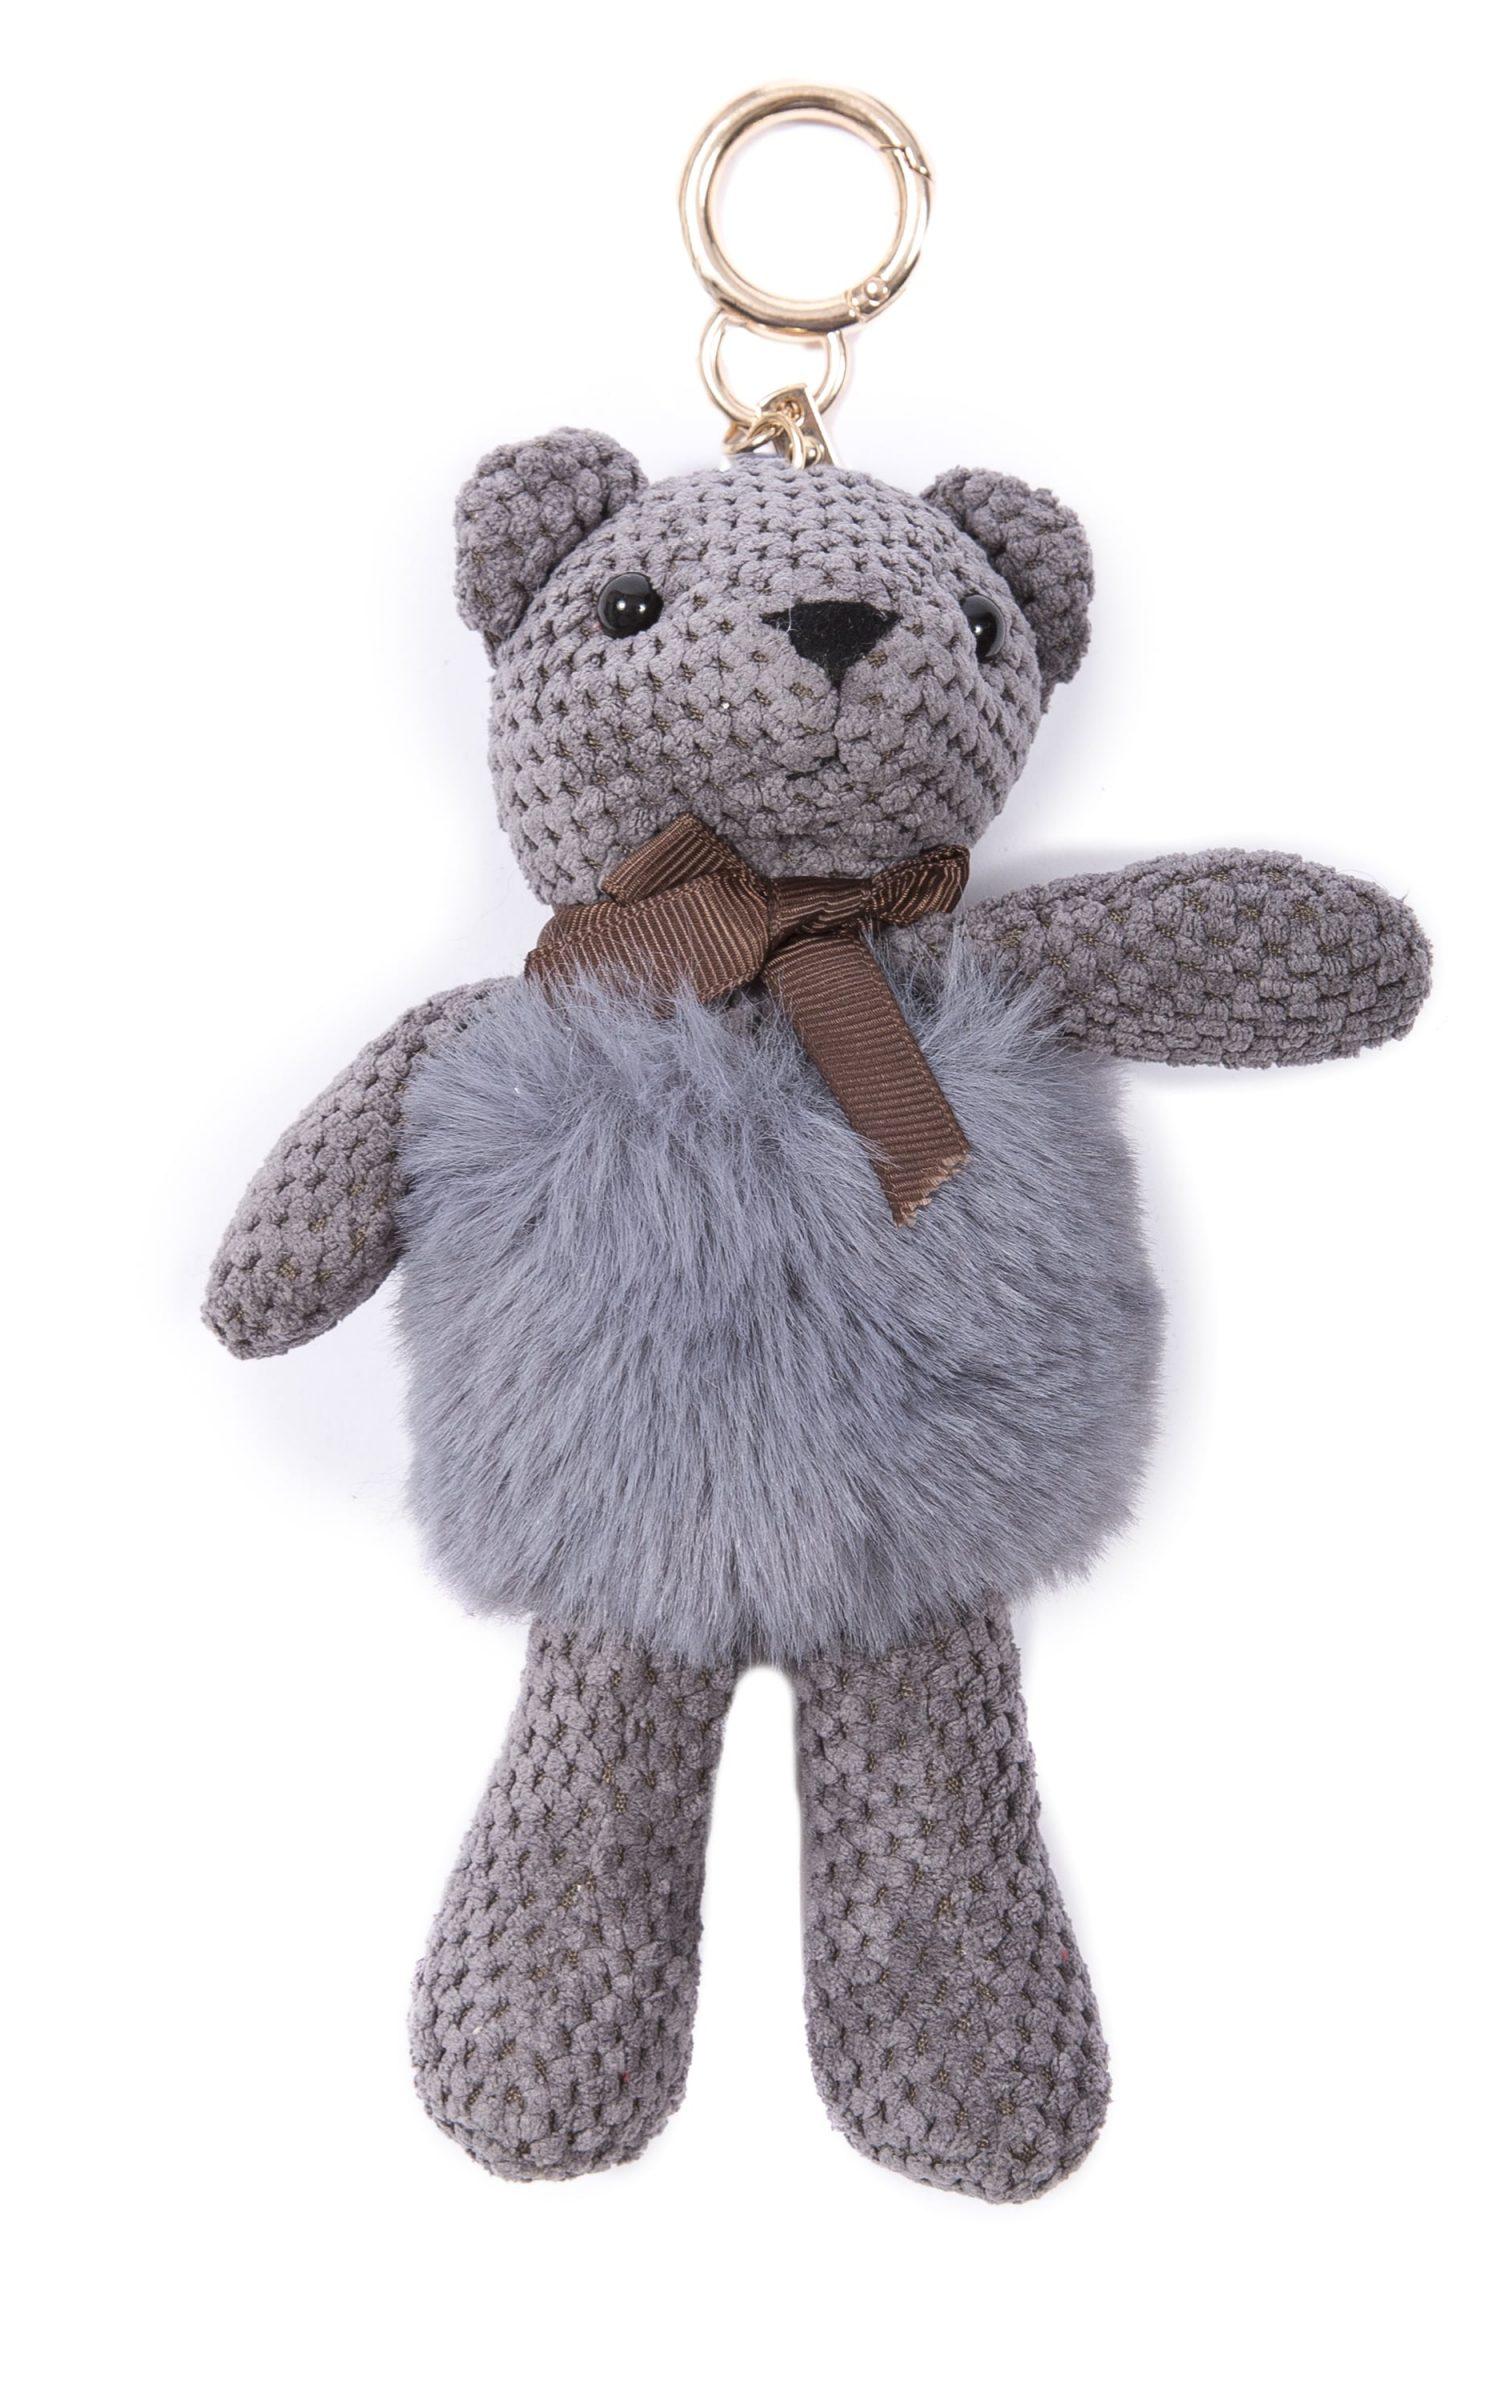 jayley-faux-fur-teddy-bear-p1104-12929_zoom